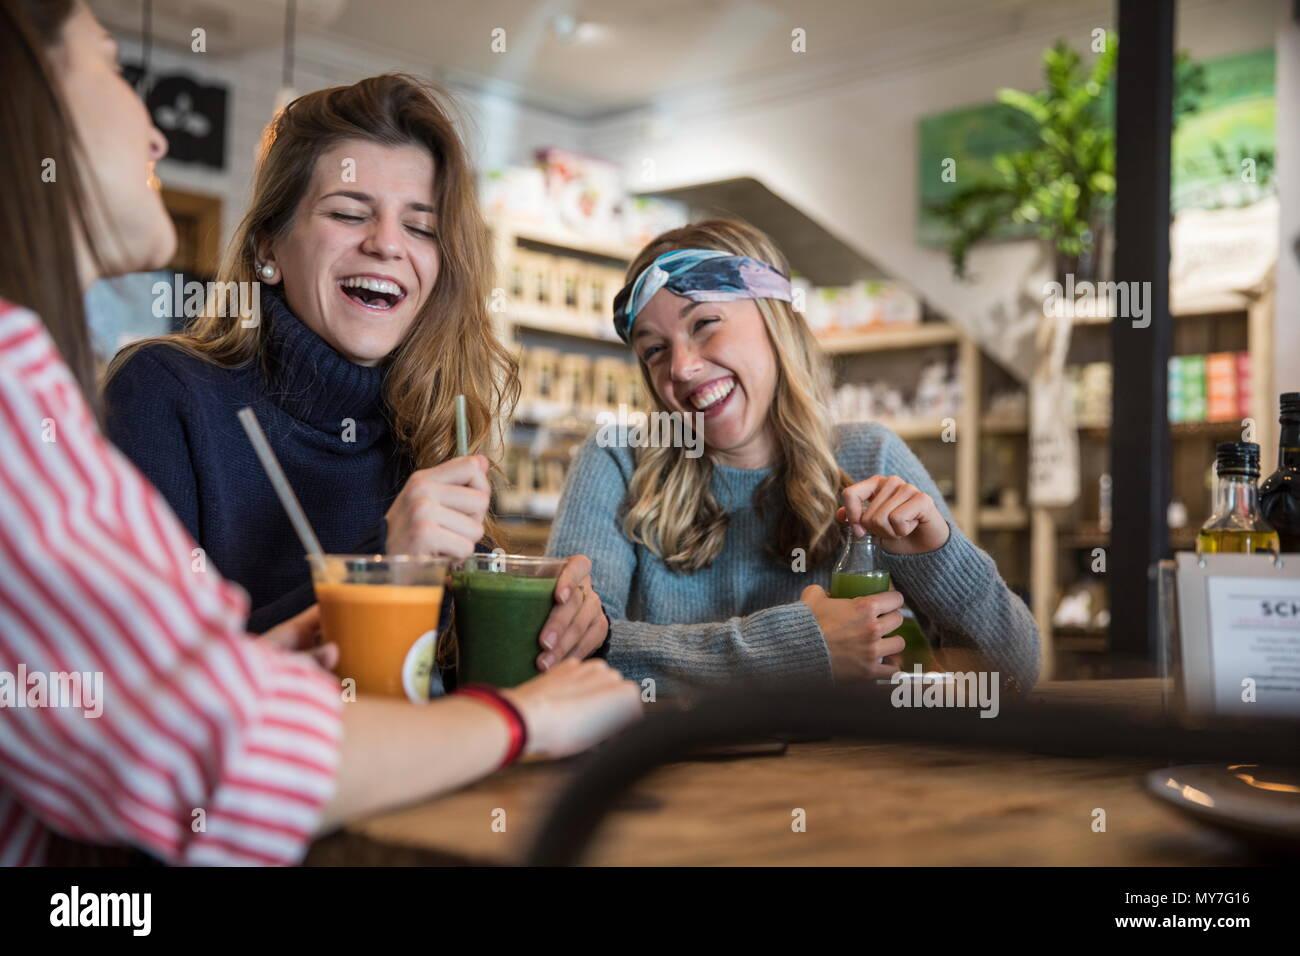 Tre amici di sesso femminile, in seduta cafe, bere frullati, ridendo Immagini Stock